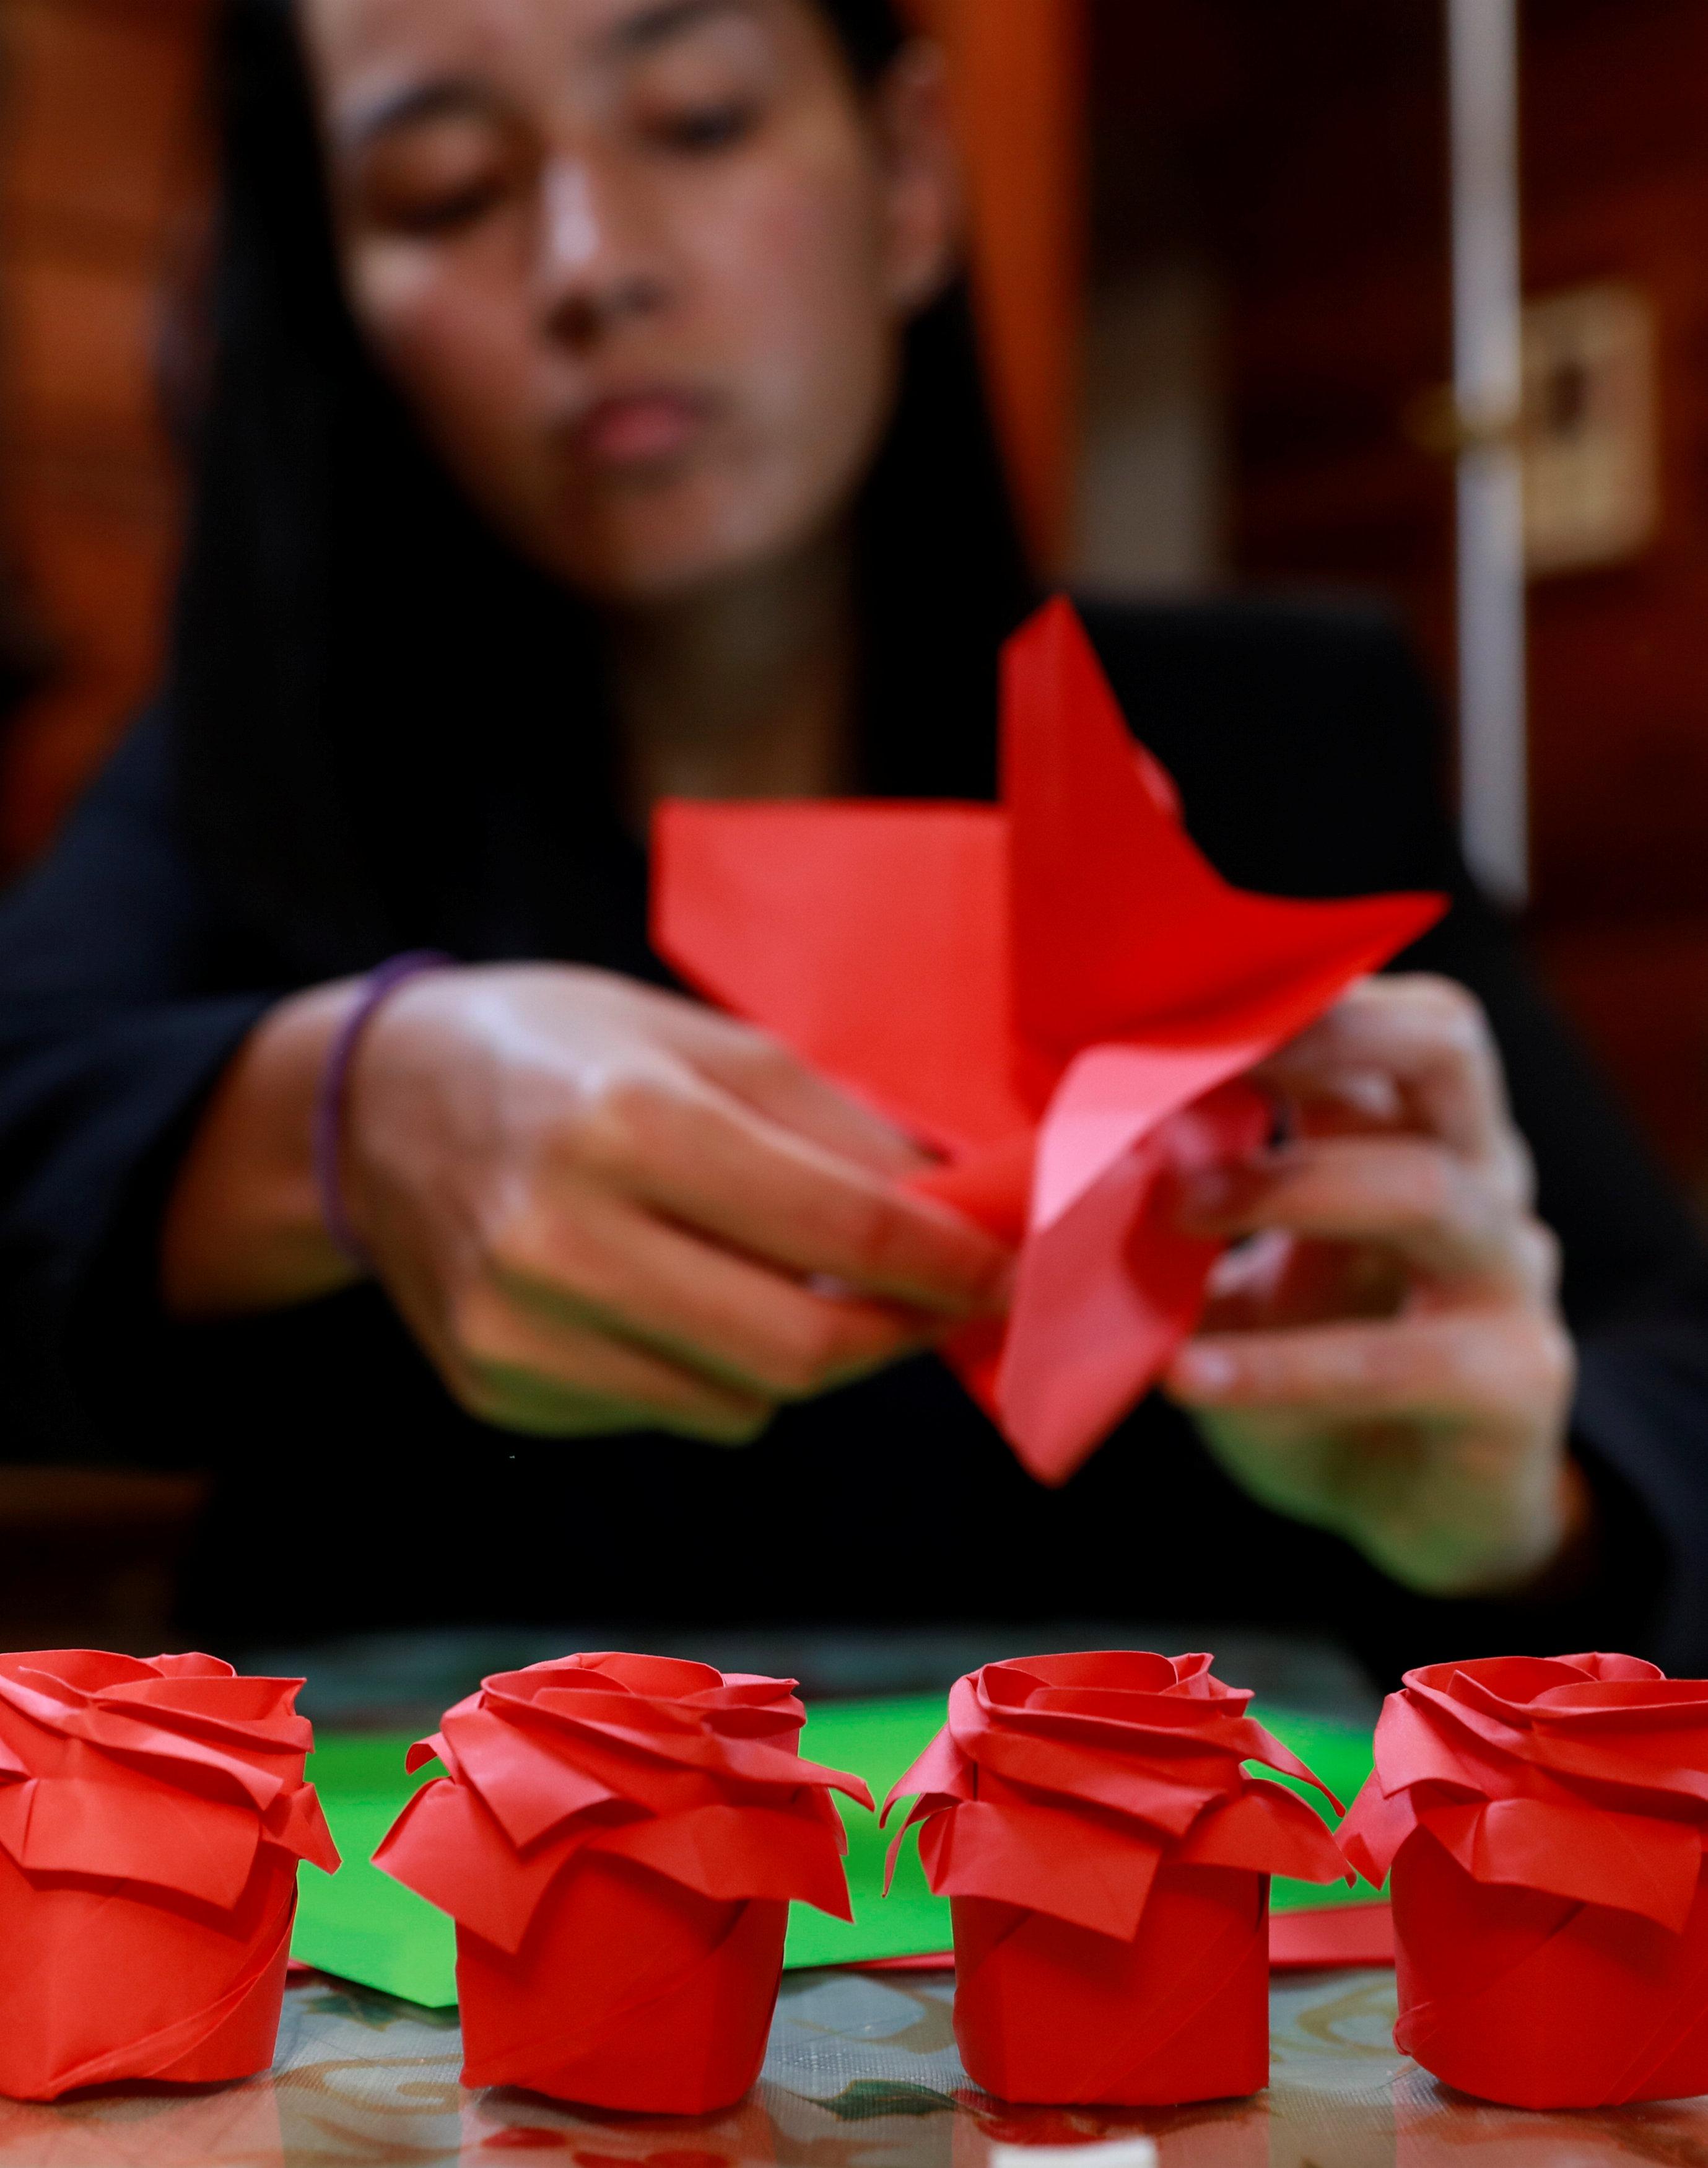 فلبينيون يعبرون عن حبهم الأبدى بباقات زهور ورقية (6)